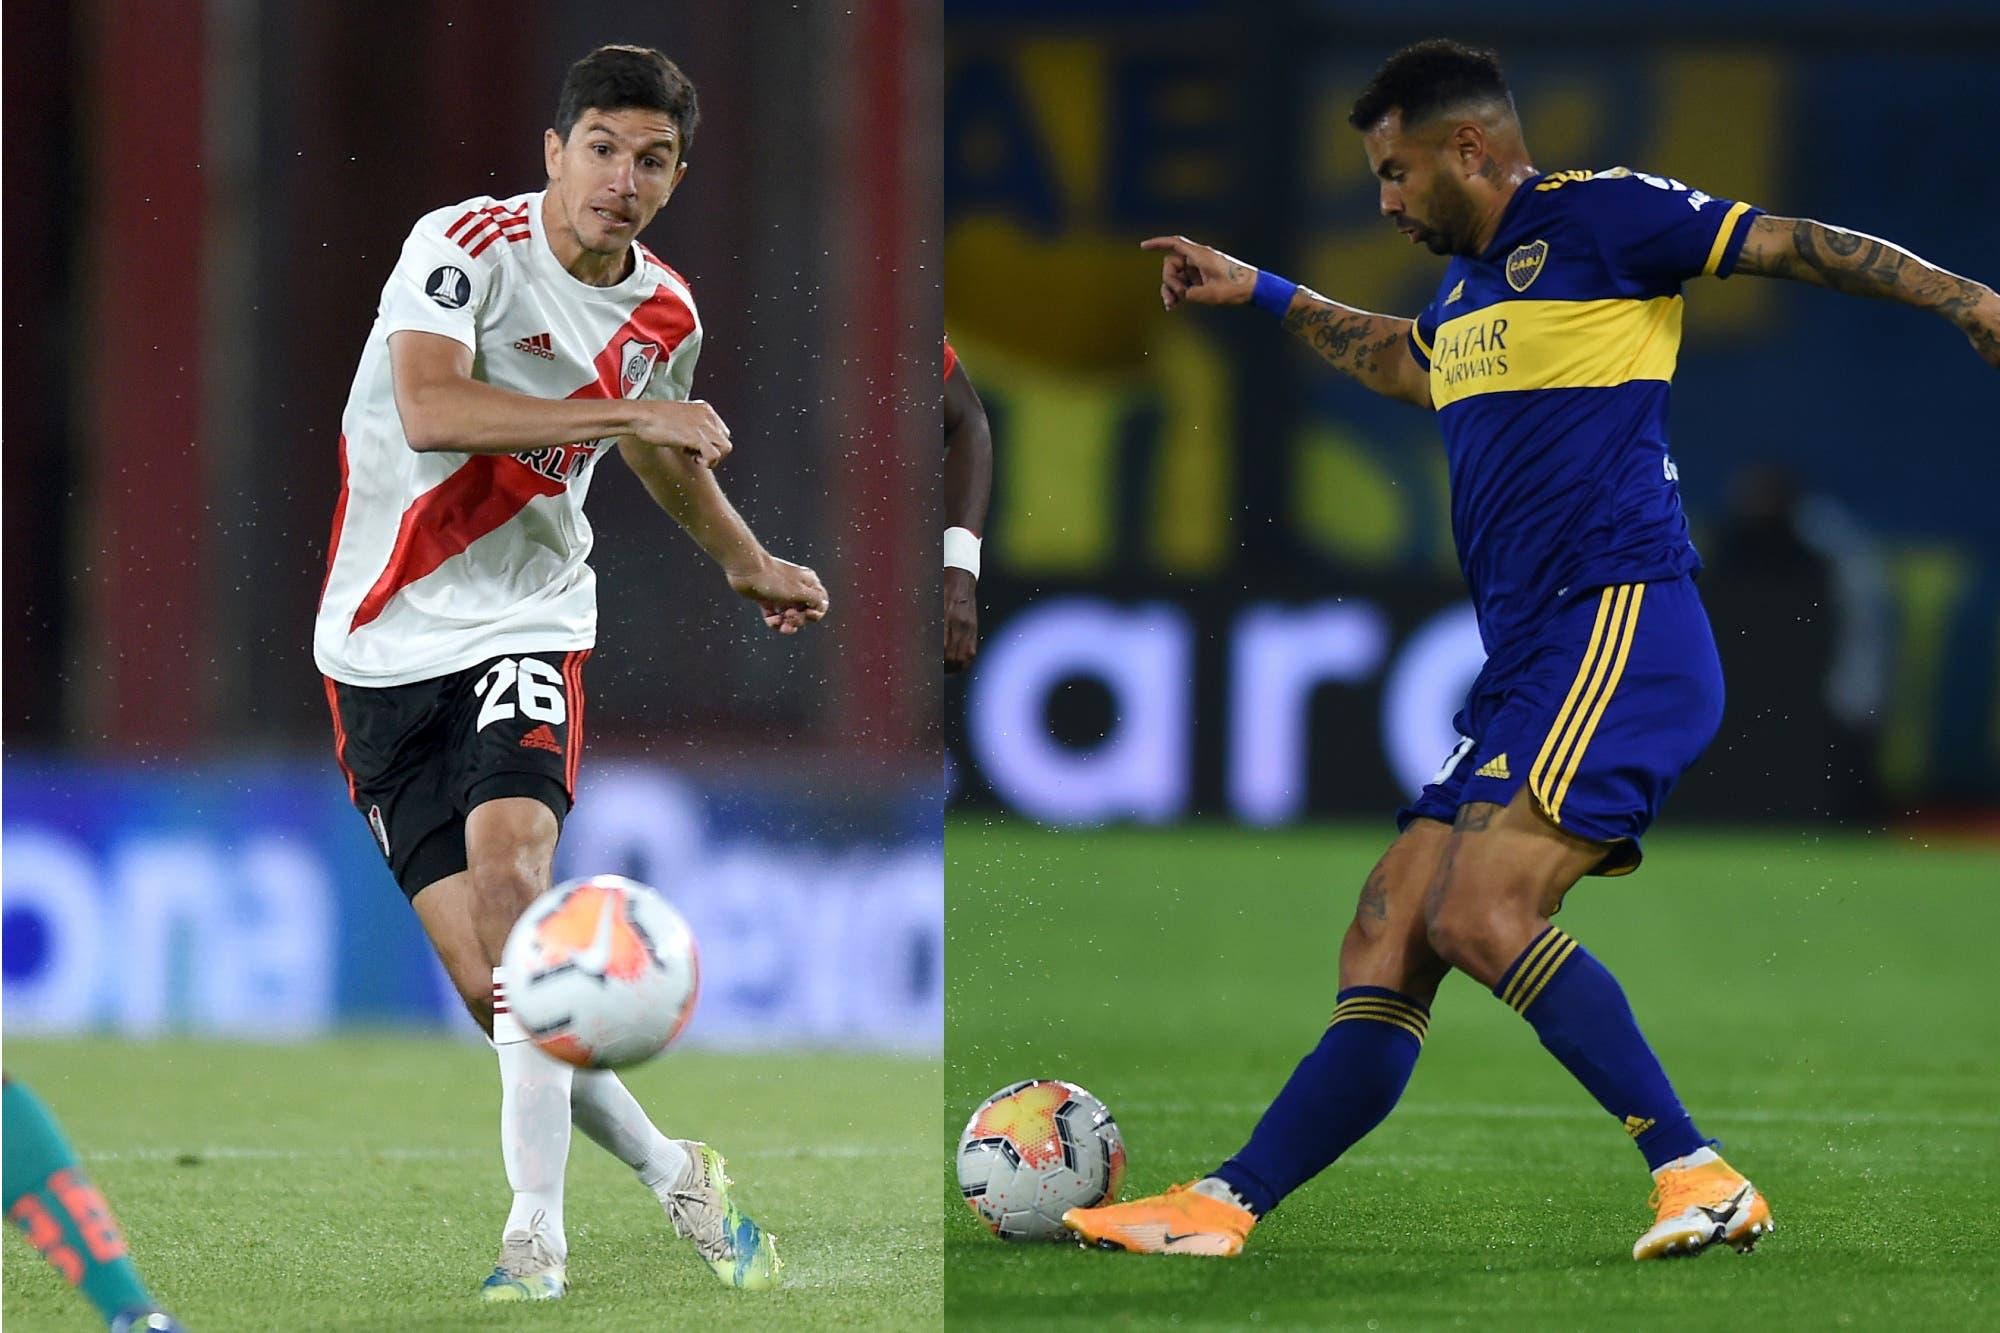 Copa Liga Profesional: partidos, días, horarios, árbitros y TV de la primera fecha